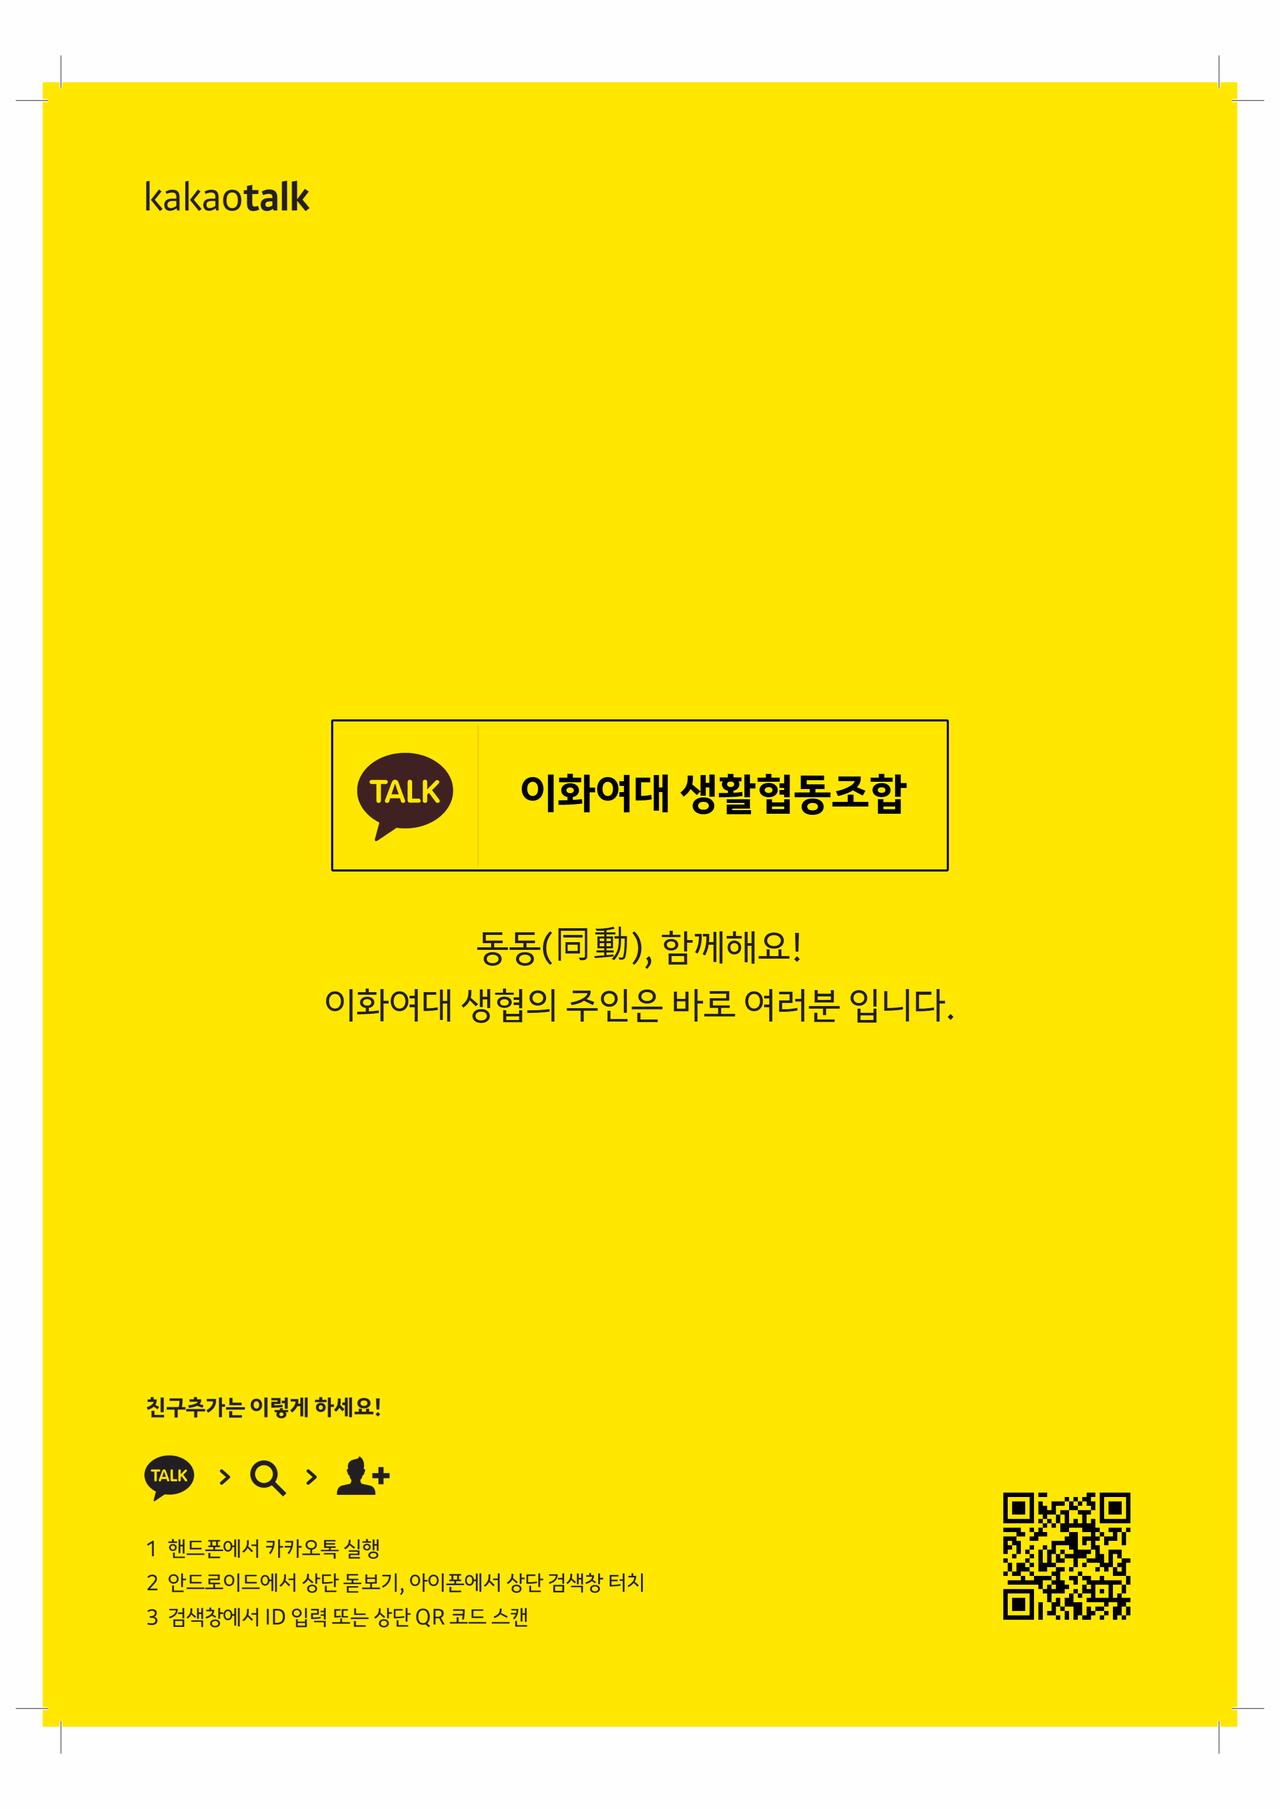 2017_11월_이화여대생협_플러스친구게설